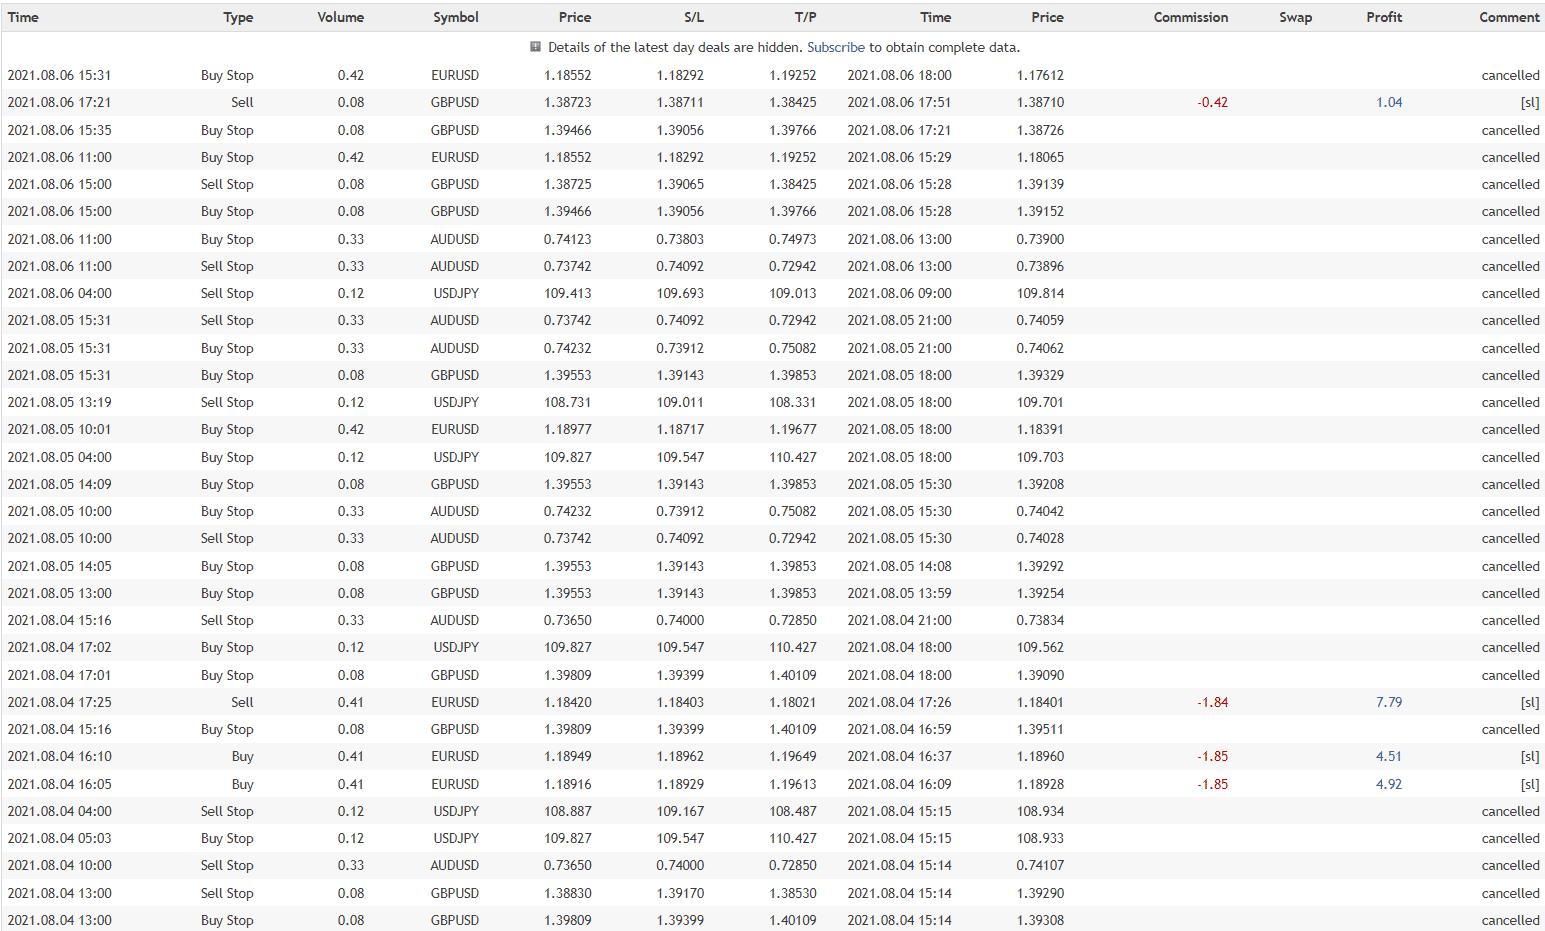 Amaze trading details